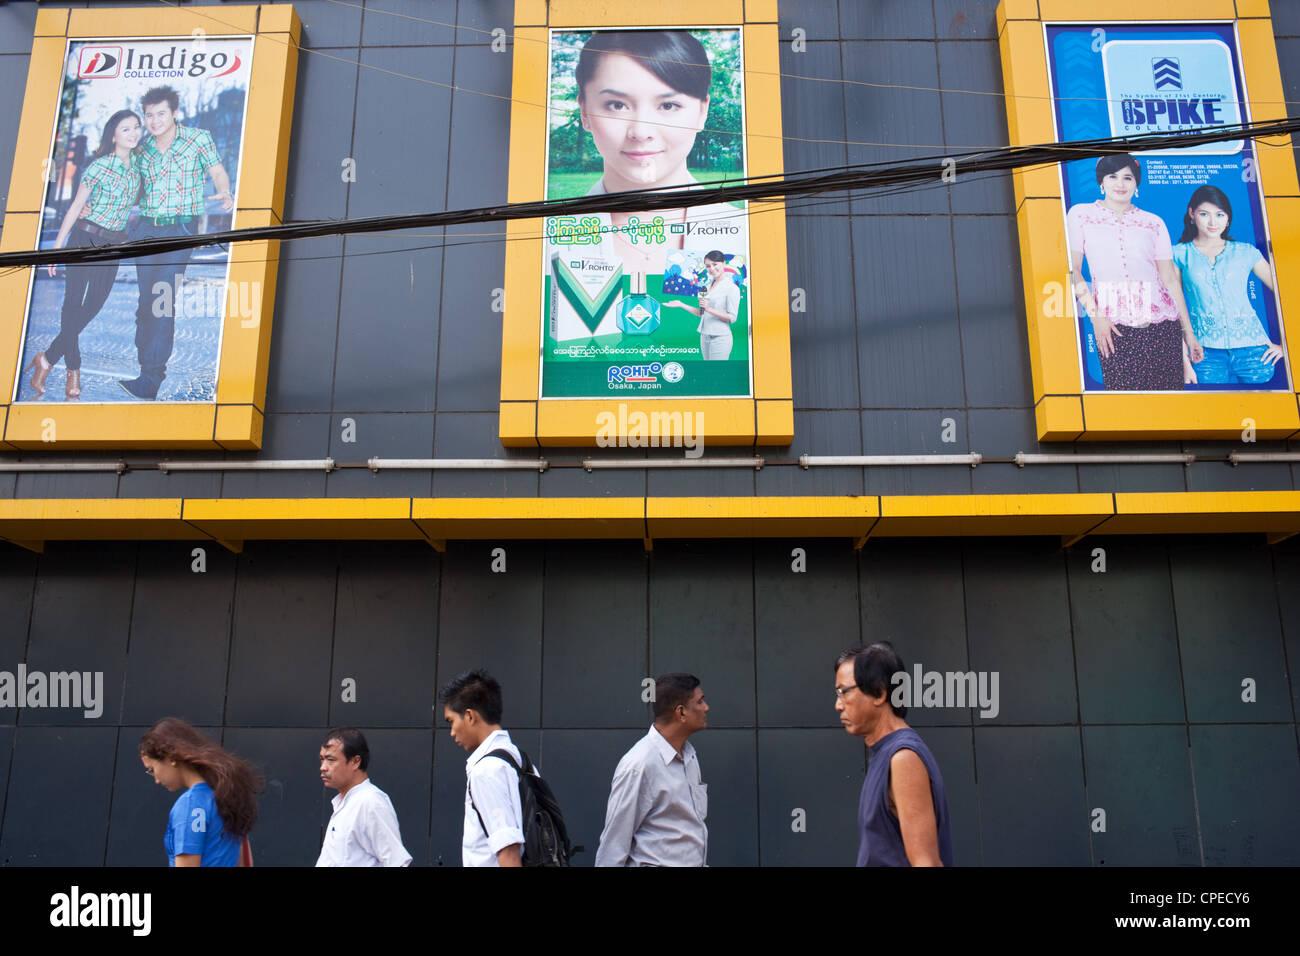 Birmans marcher sous vêtements publicitaires affiches dans le centre de Yangon (Rangoon), le Myanmar (Birmanie) Banque D'Images